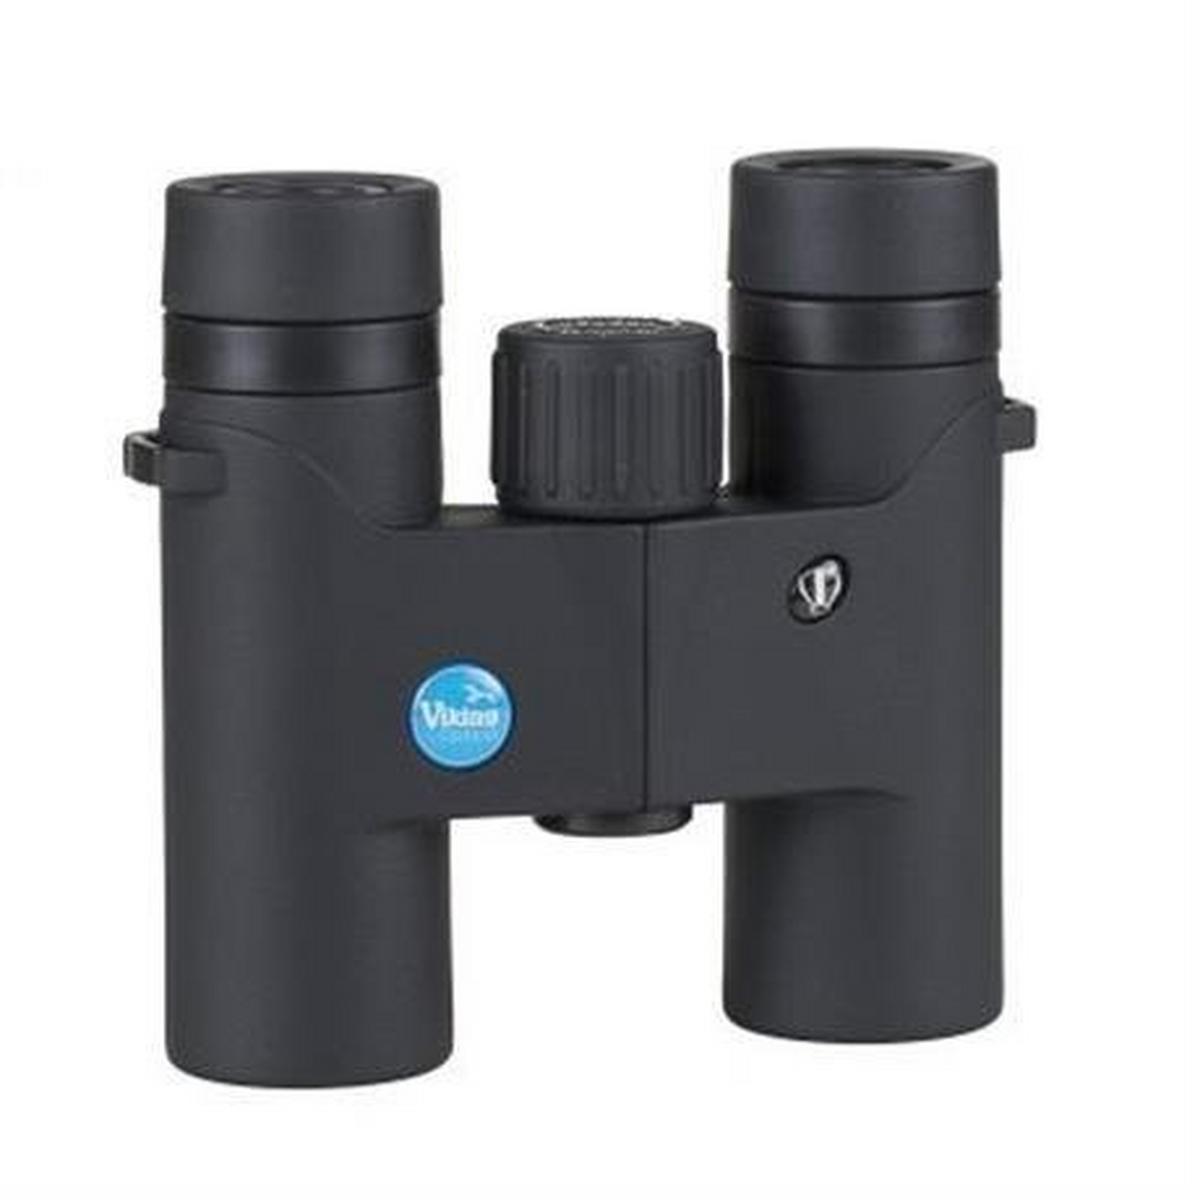 Viking Optical Binoculars Badger 8x25